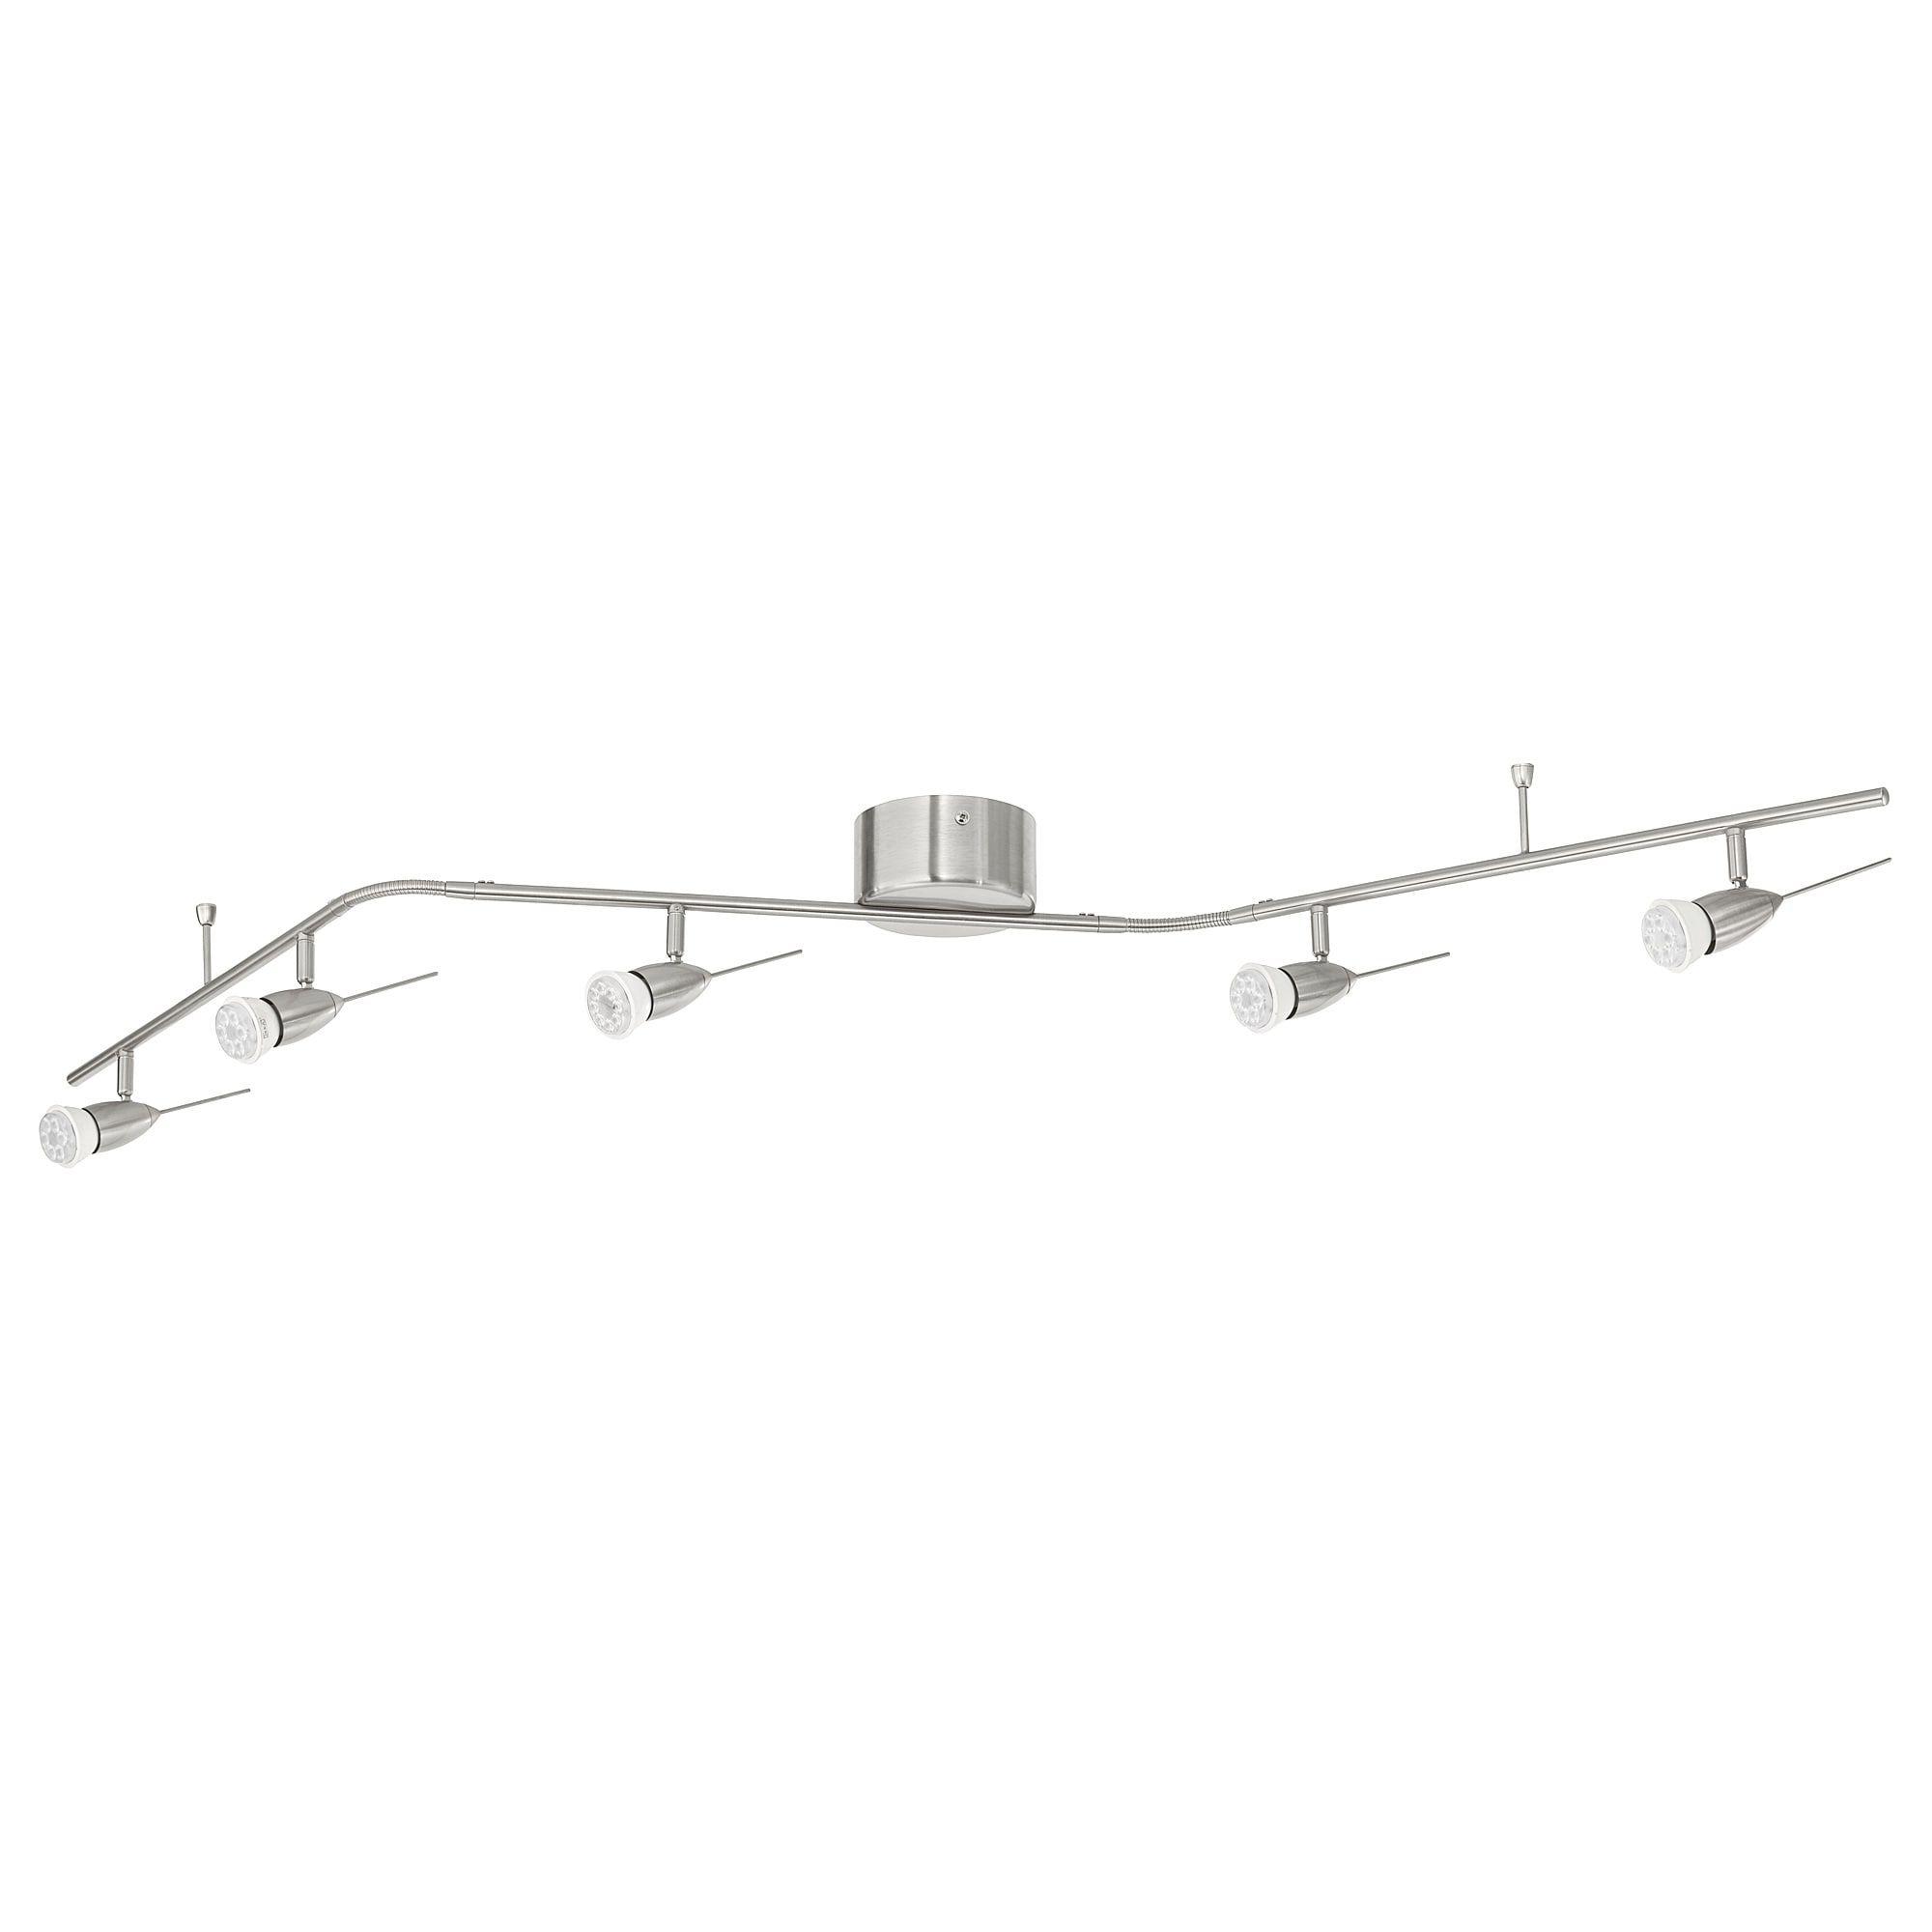 Full Size of Husinge Deckenschiene 5 Spots Vernickelt Led Lampe Ikea Miniküche Modulküche Betten Bei Sofa Mit Schlaffunktion Küche Kosten Wohnzimmer Deckenlampen Für Wohnzimmer Ikea Deckenlampen